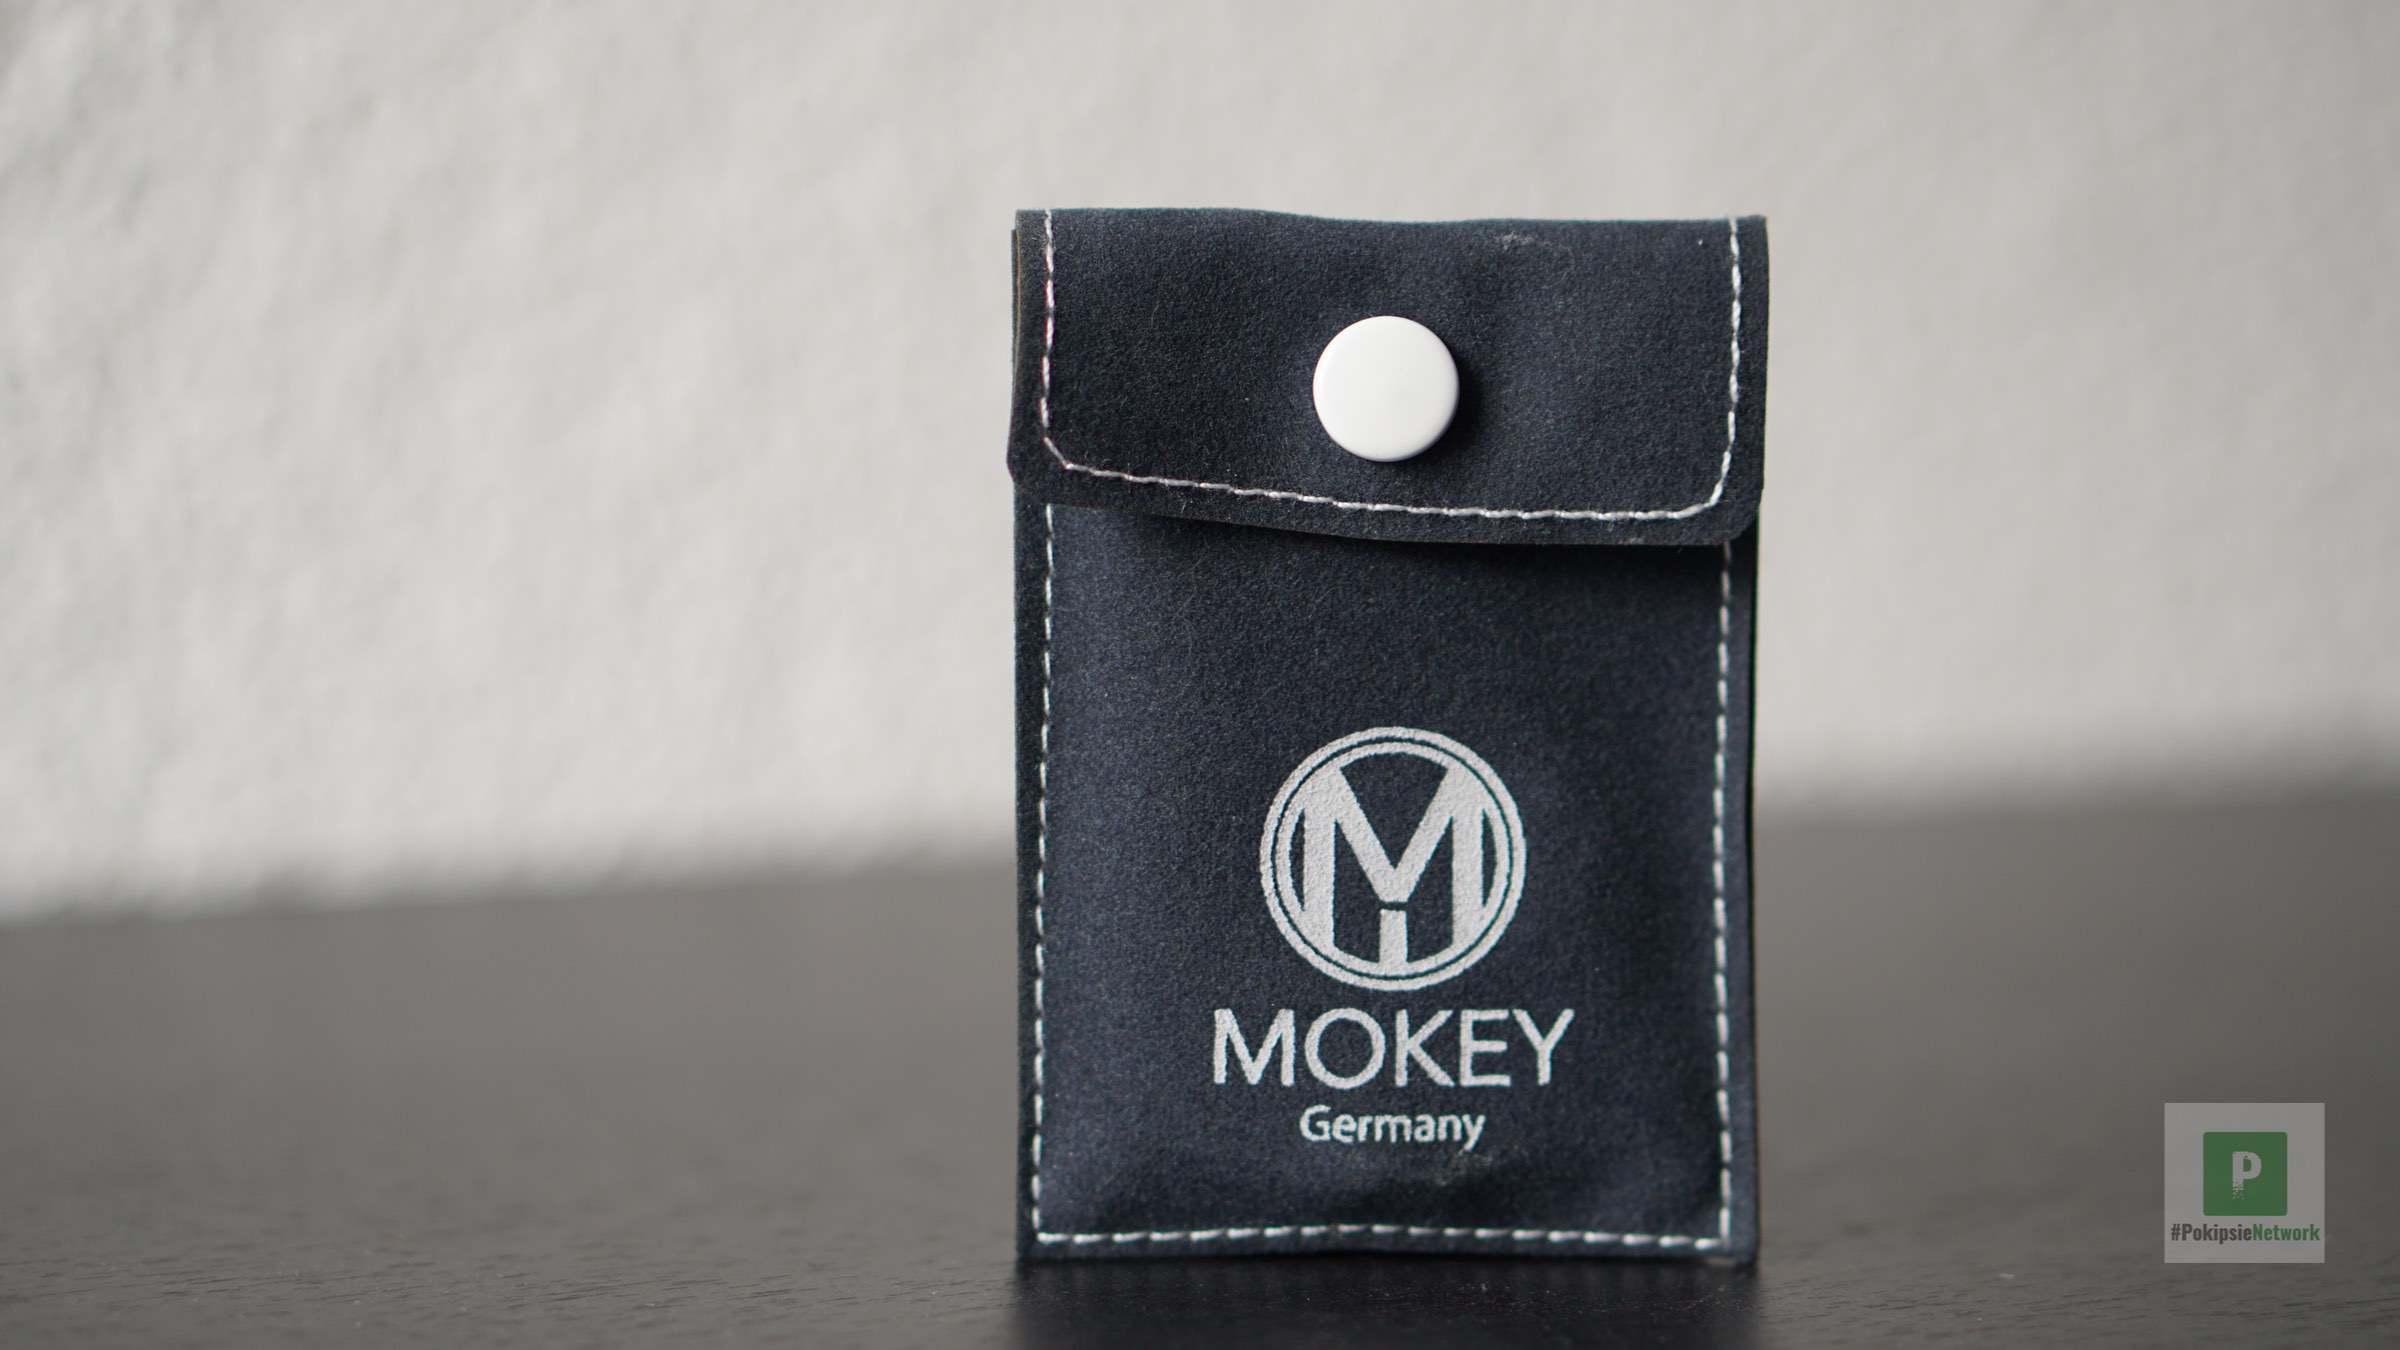 Mit dem MOKEY SterilKey sicher durch die Welt